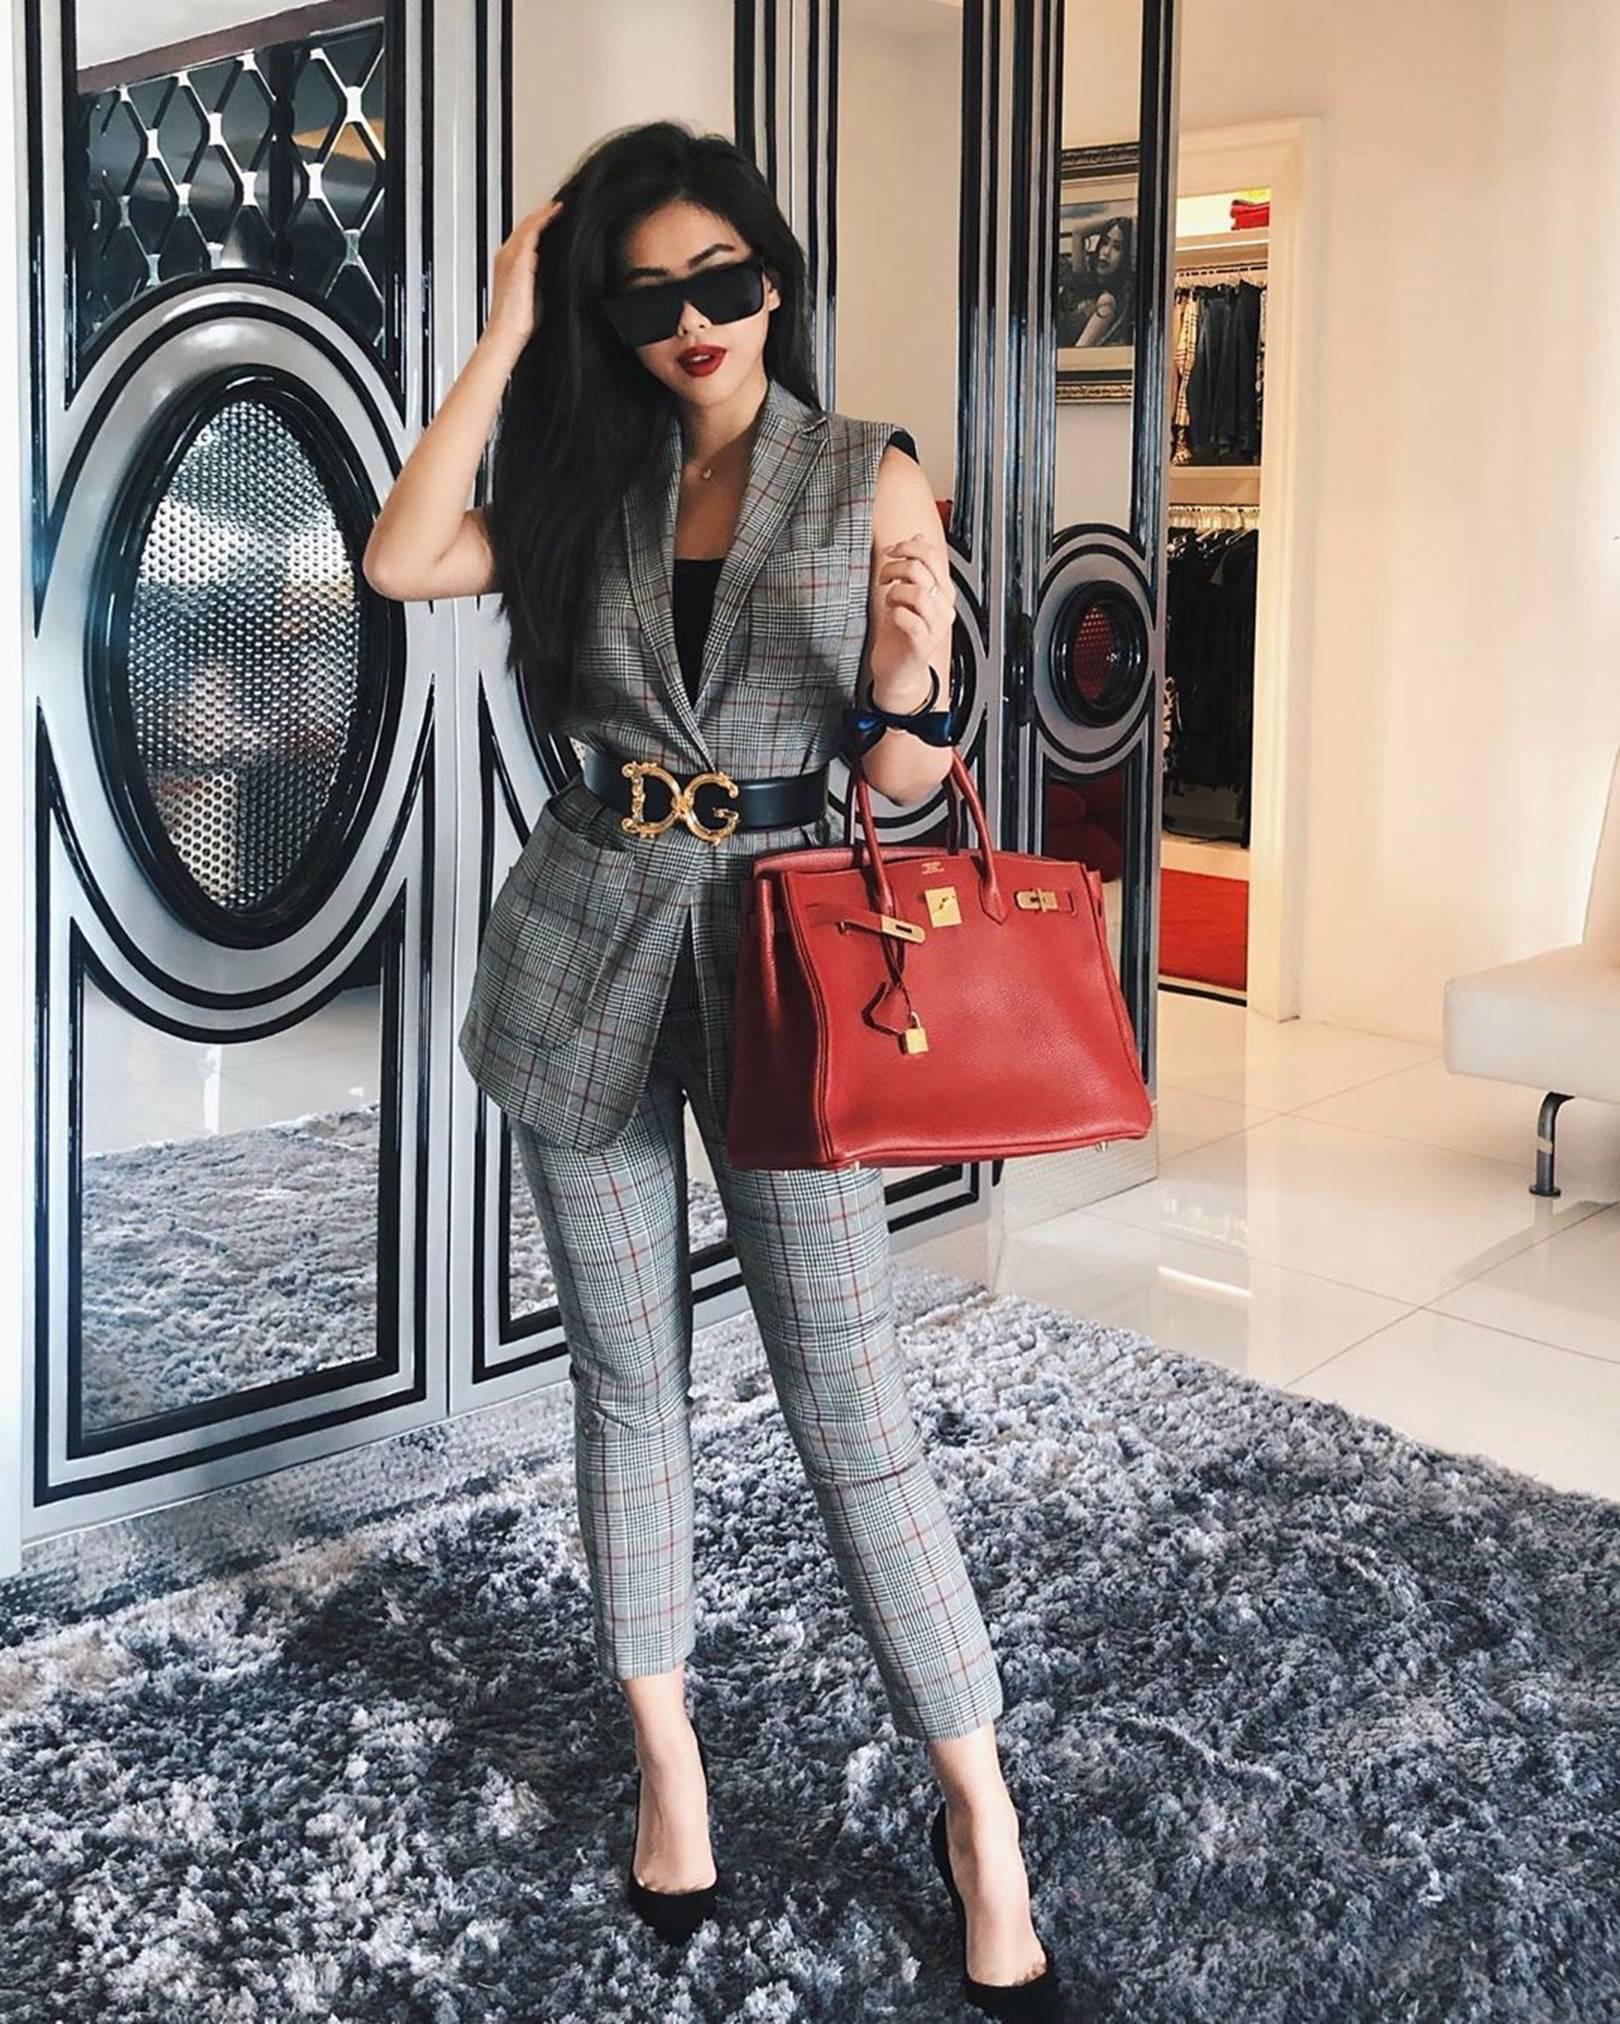 Nổi tiếng mặc đẹp mà rich kid Tiên Nguyễn cũng có ngày chọn nhầm hàng hiệu khiến vóc dáng bị dìm thảm hại - Ảnh 2.